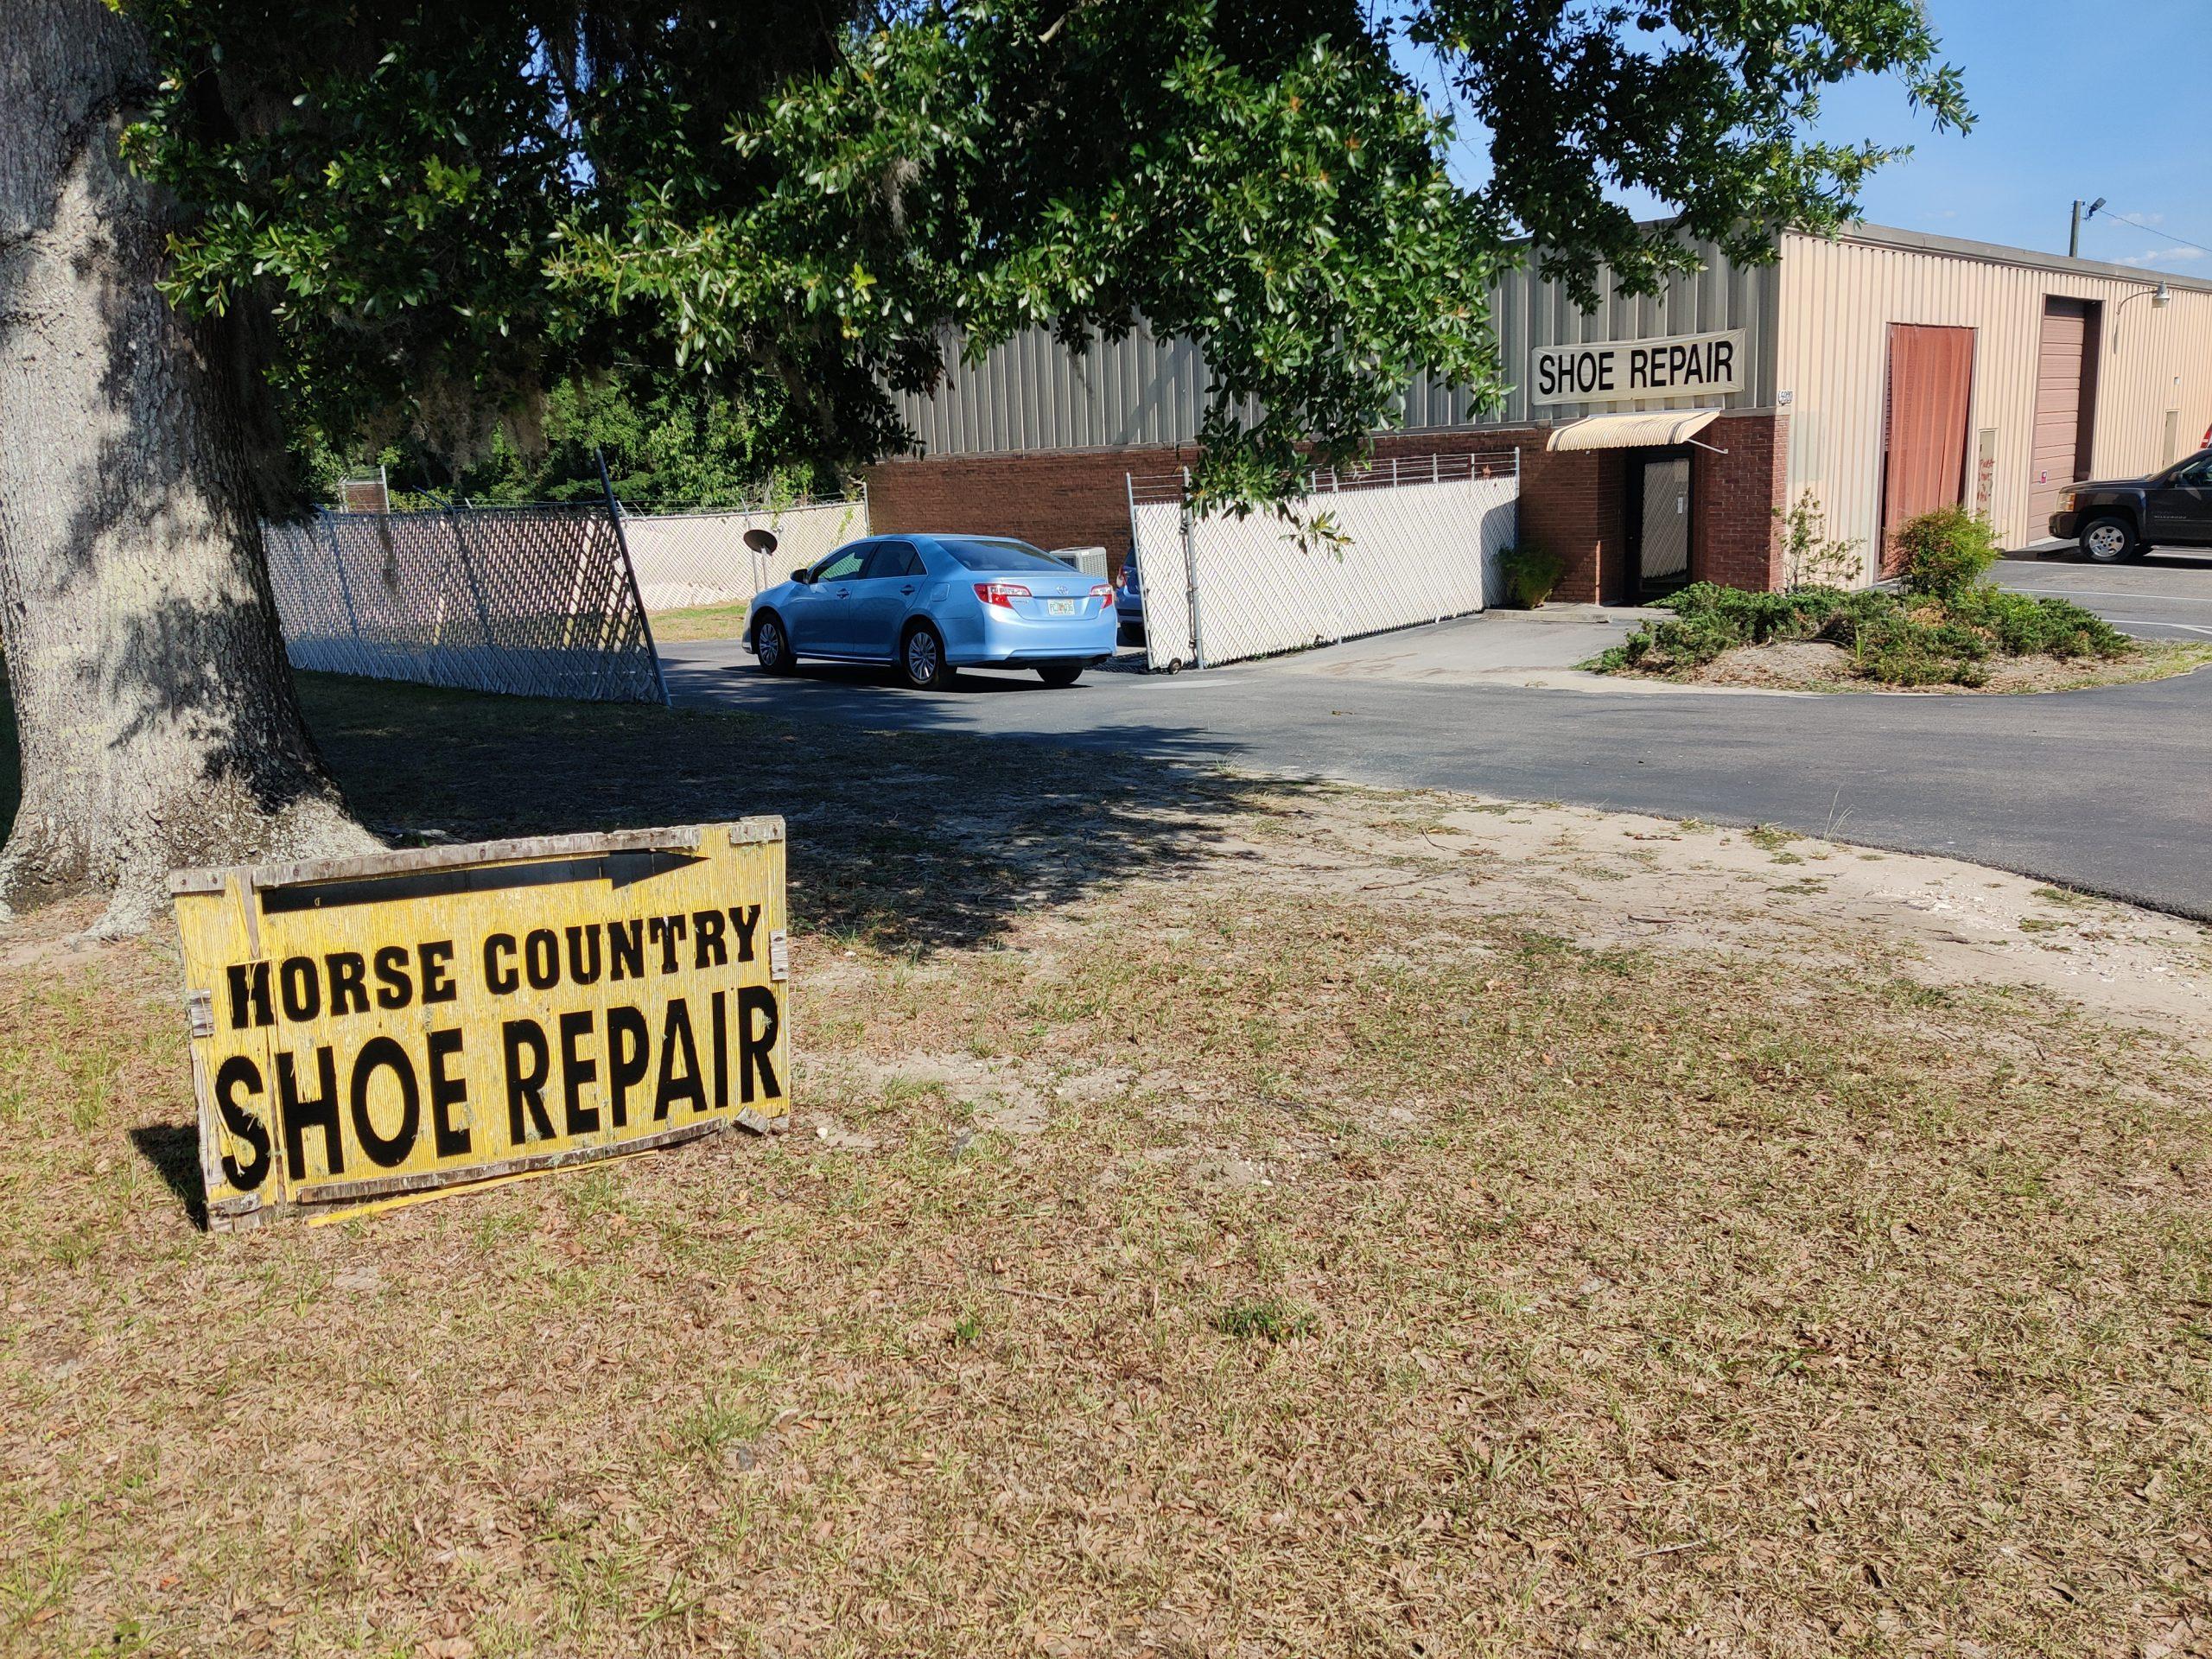 06-01-2021 Horse Country Shoe Repair